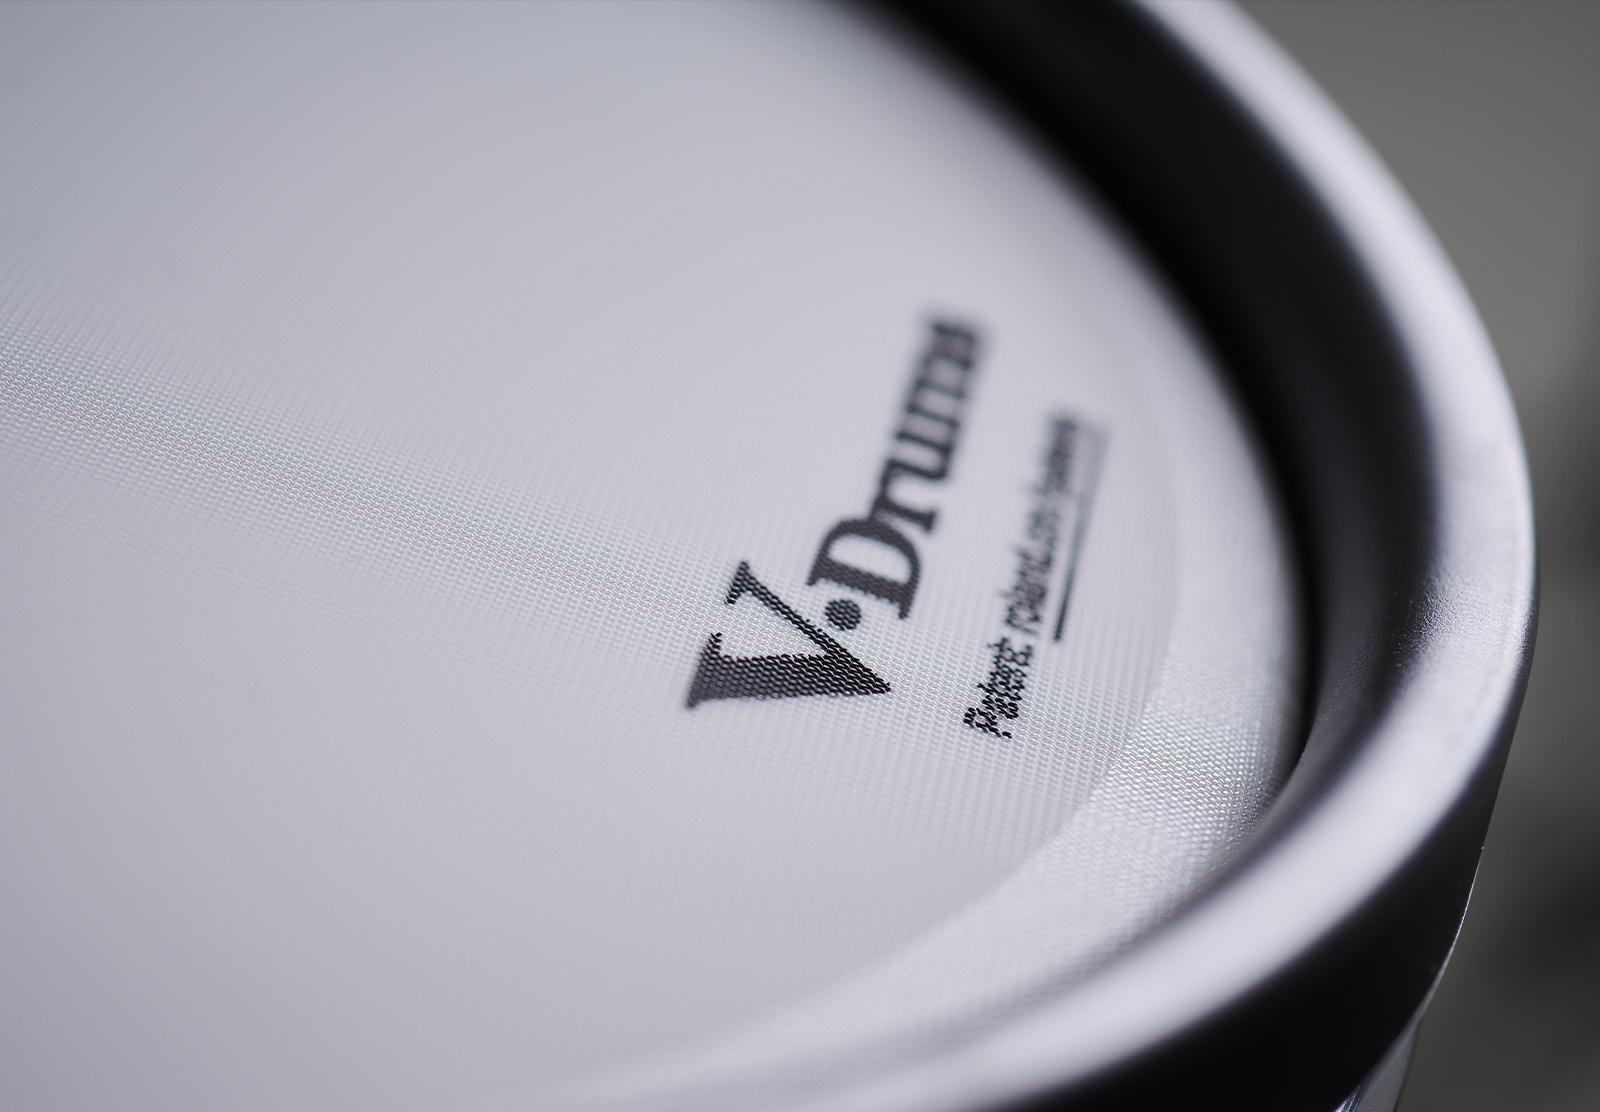 Roland TD-07 Series V-Drums